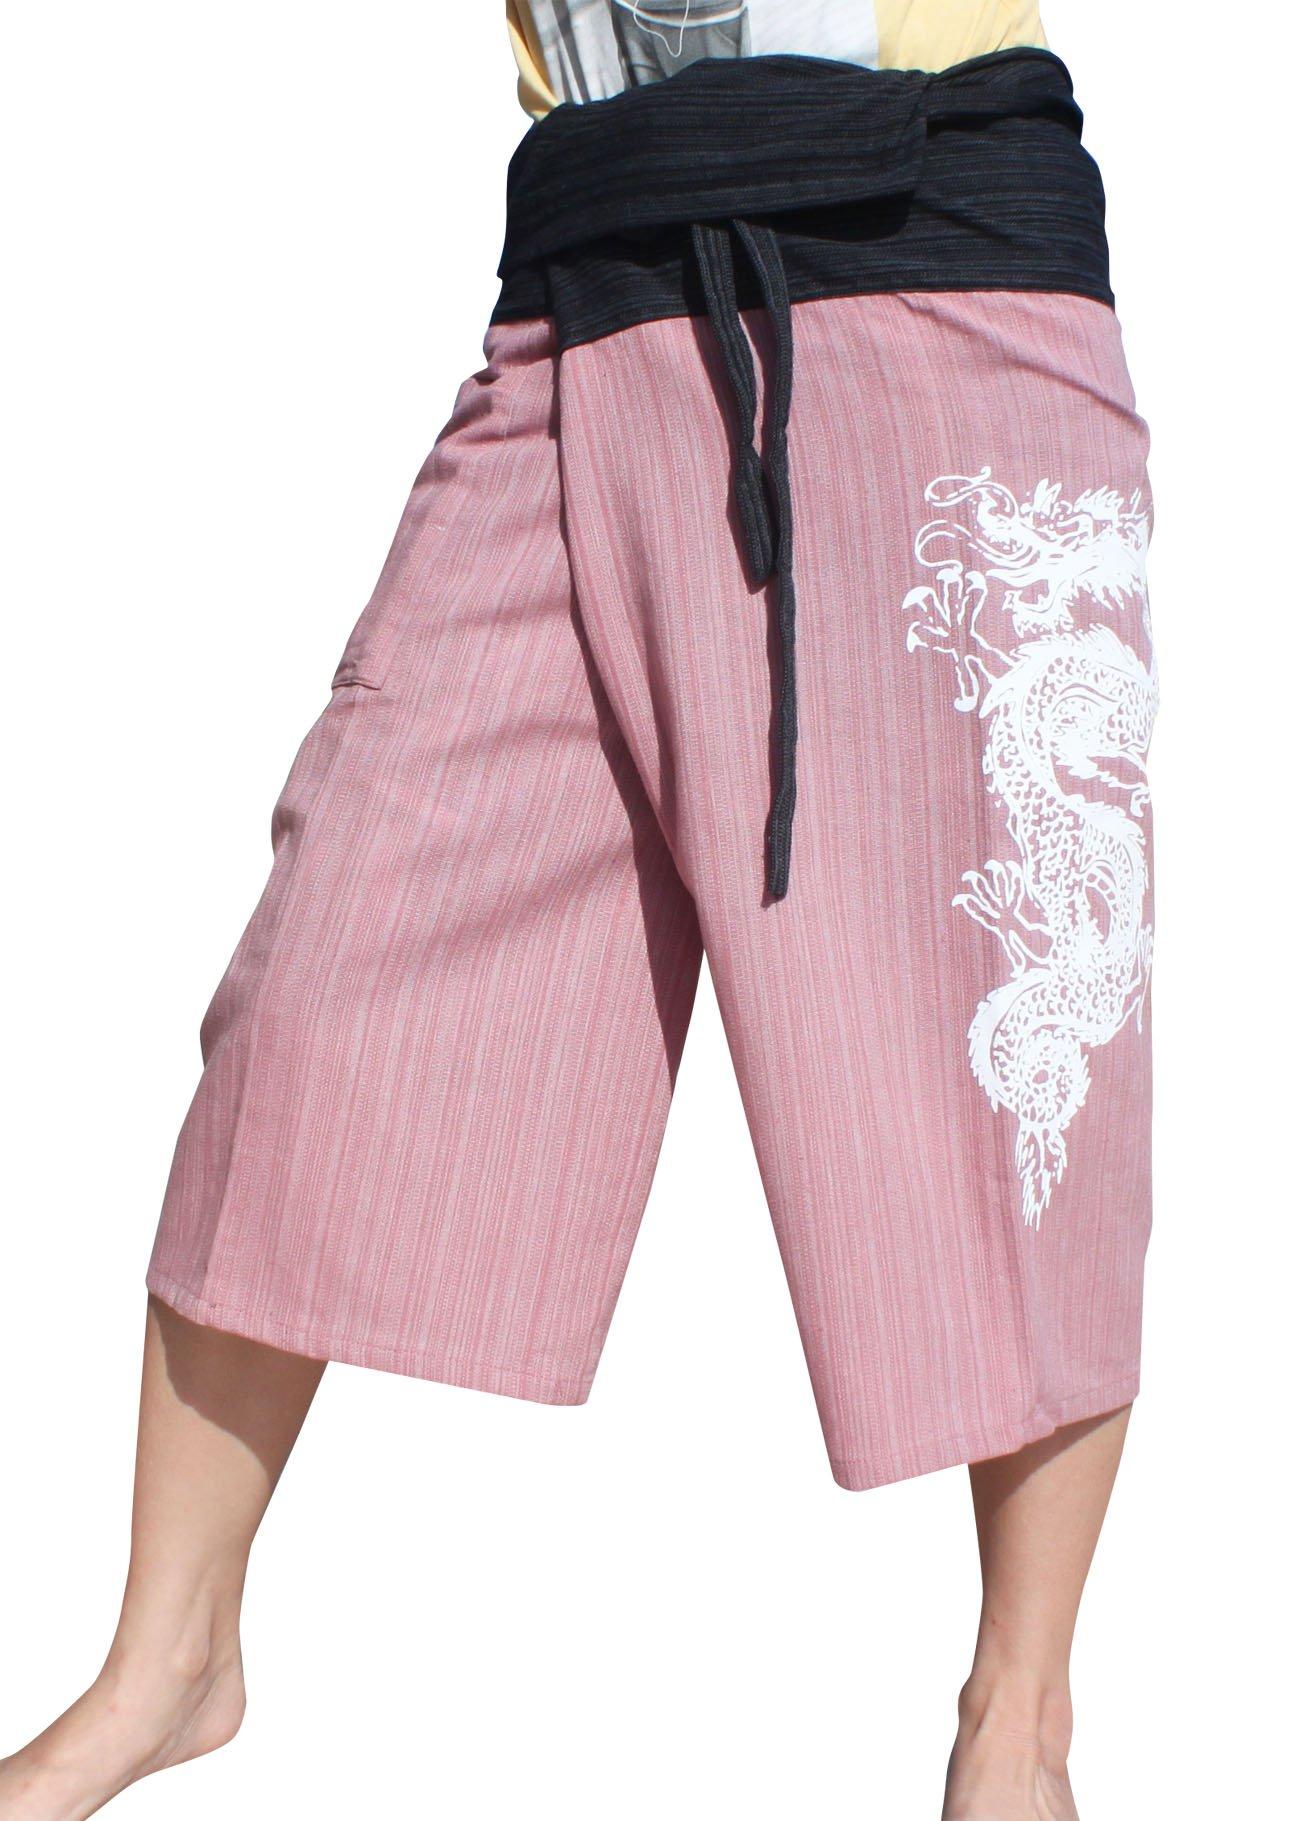 RaanPahMuang Cotton Fisherman Pants Two Tone Dragon Tattoo Print Plus Size, XX-Large, Black / Puce Pink by Raan Pah Muang